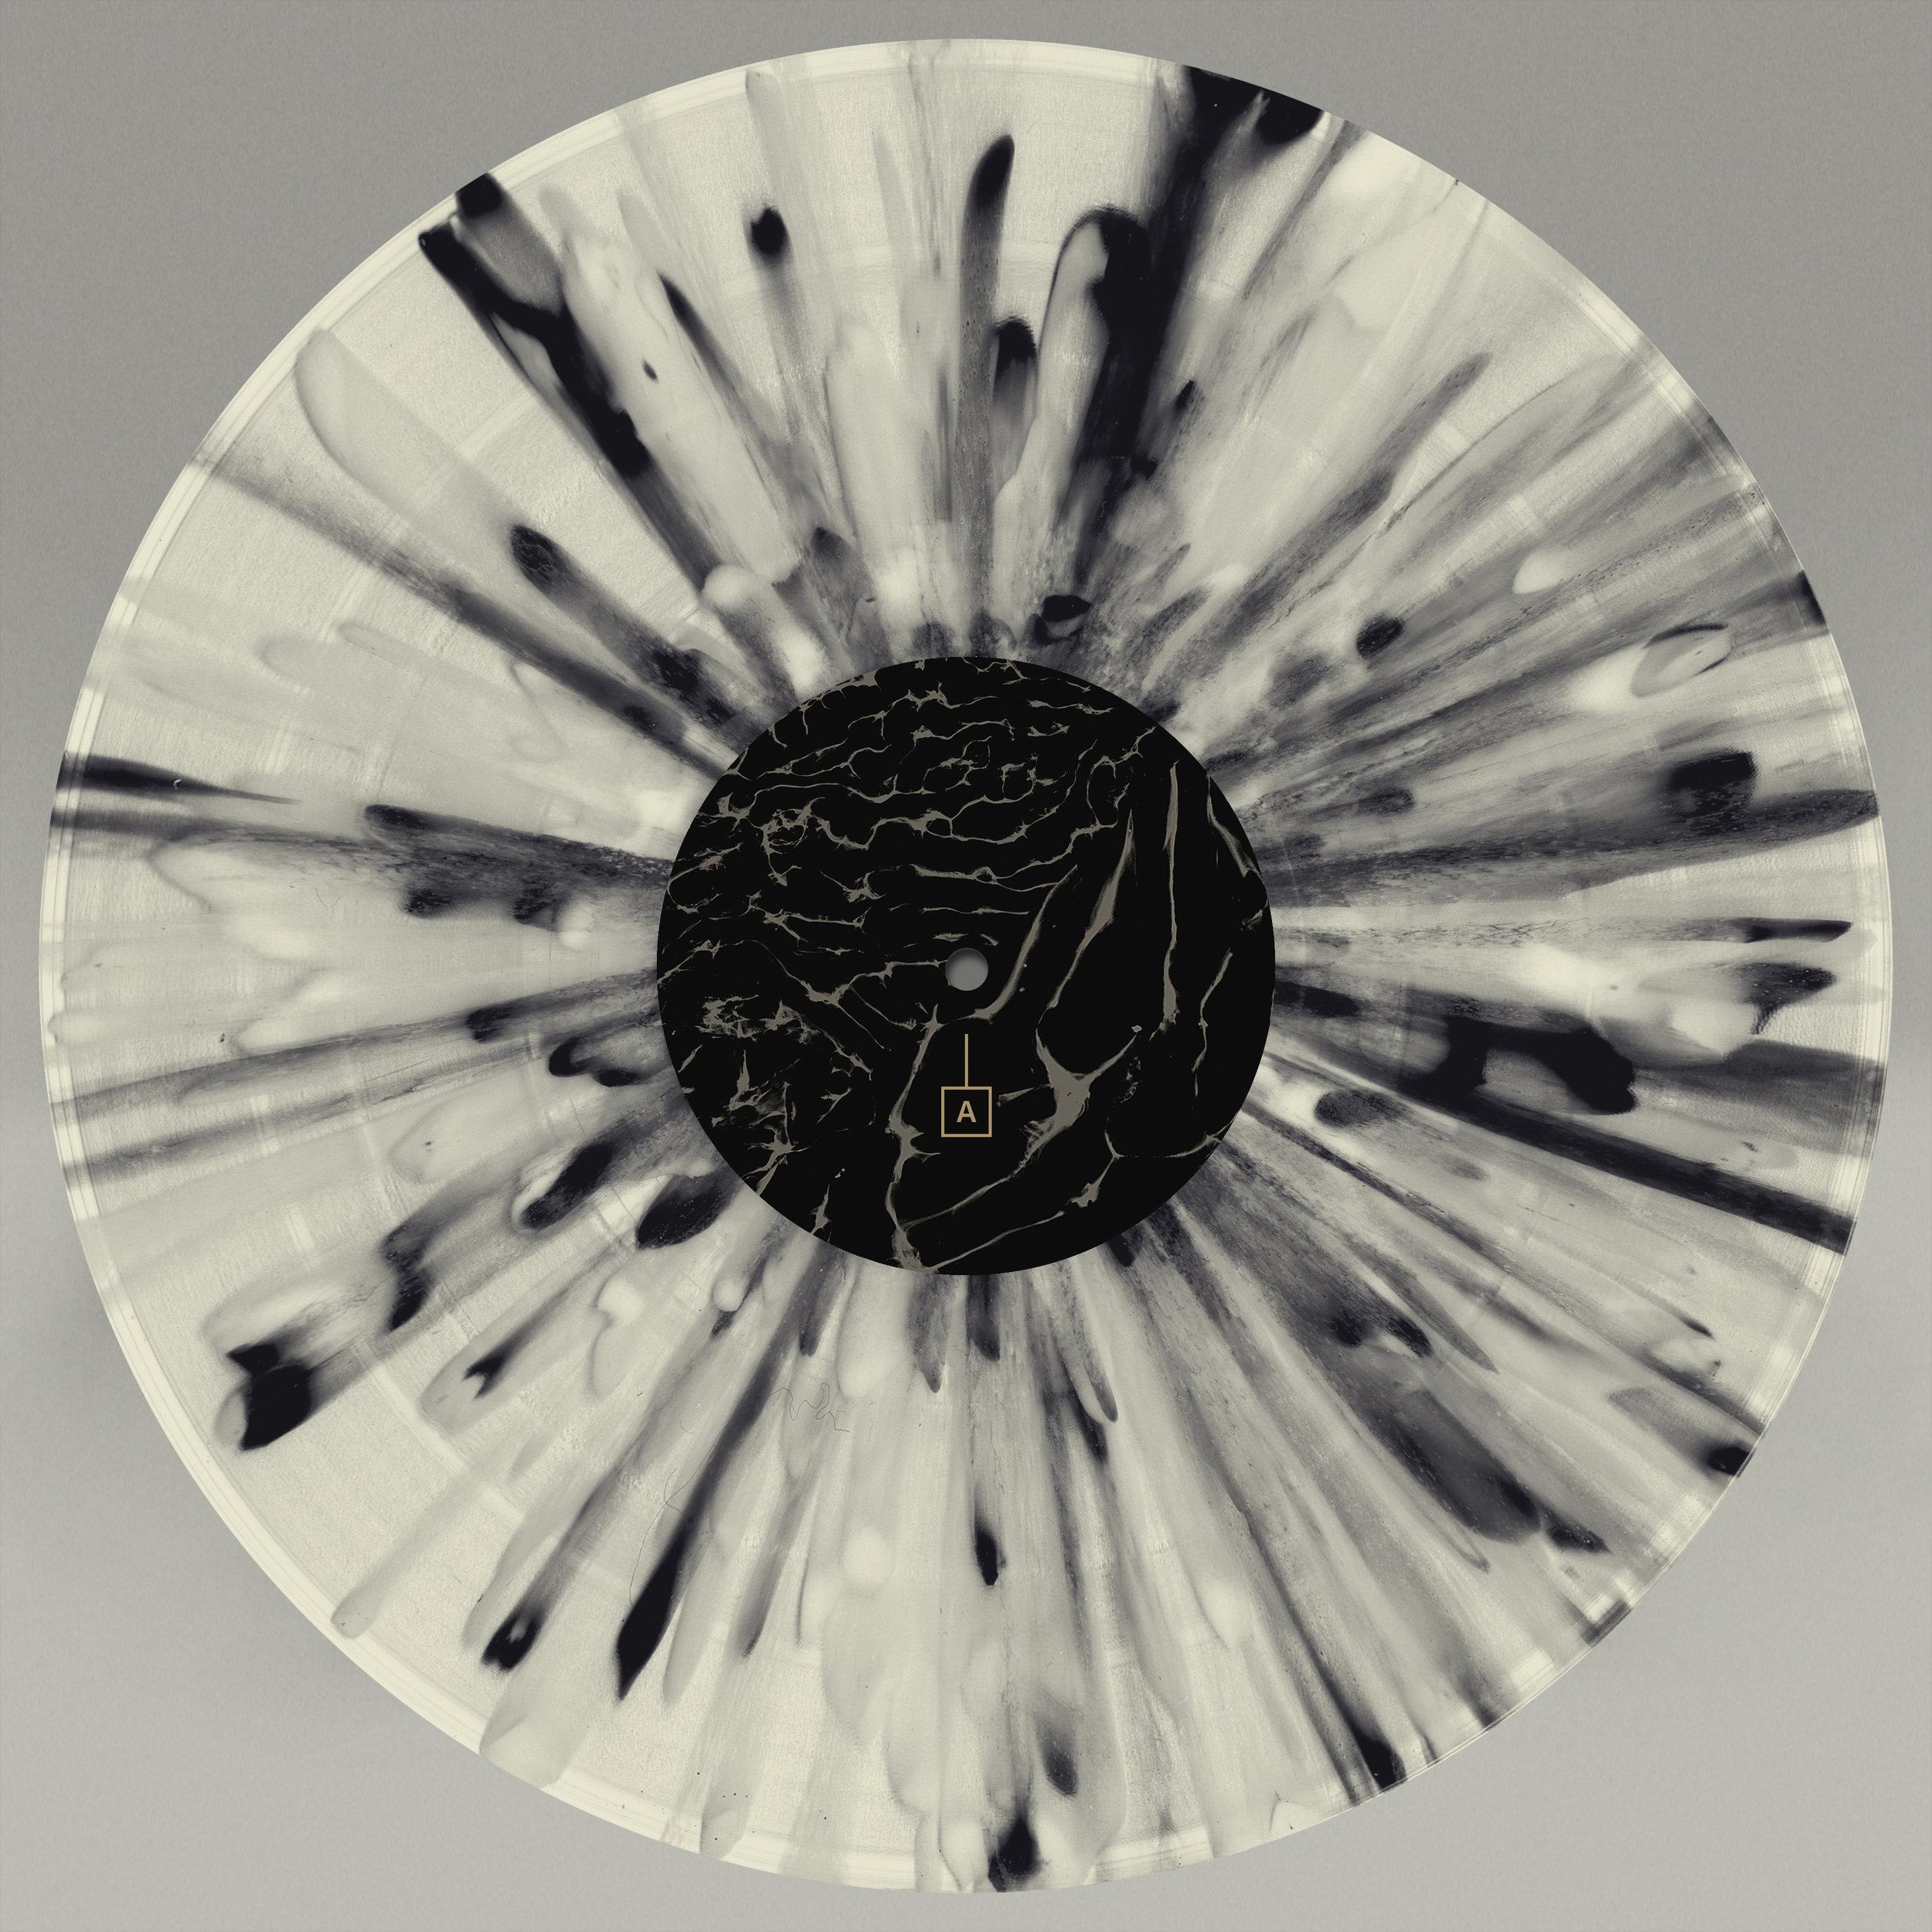 Vinyl_Splatter_SideA_Mockup.jpg